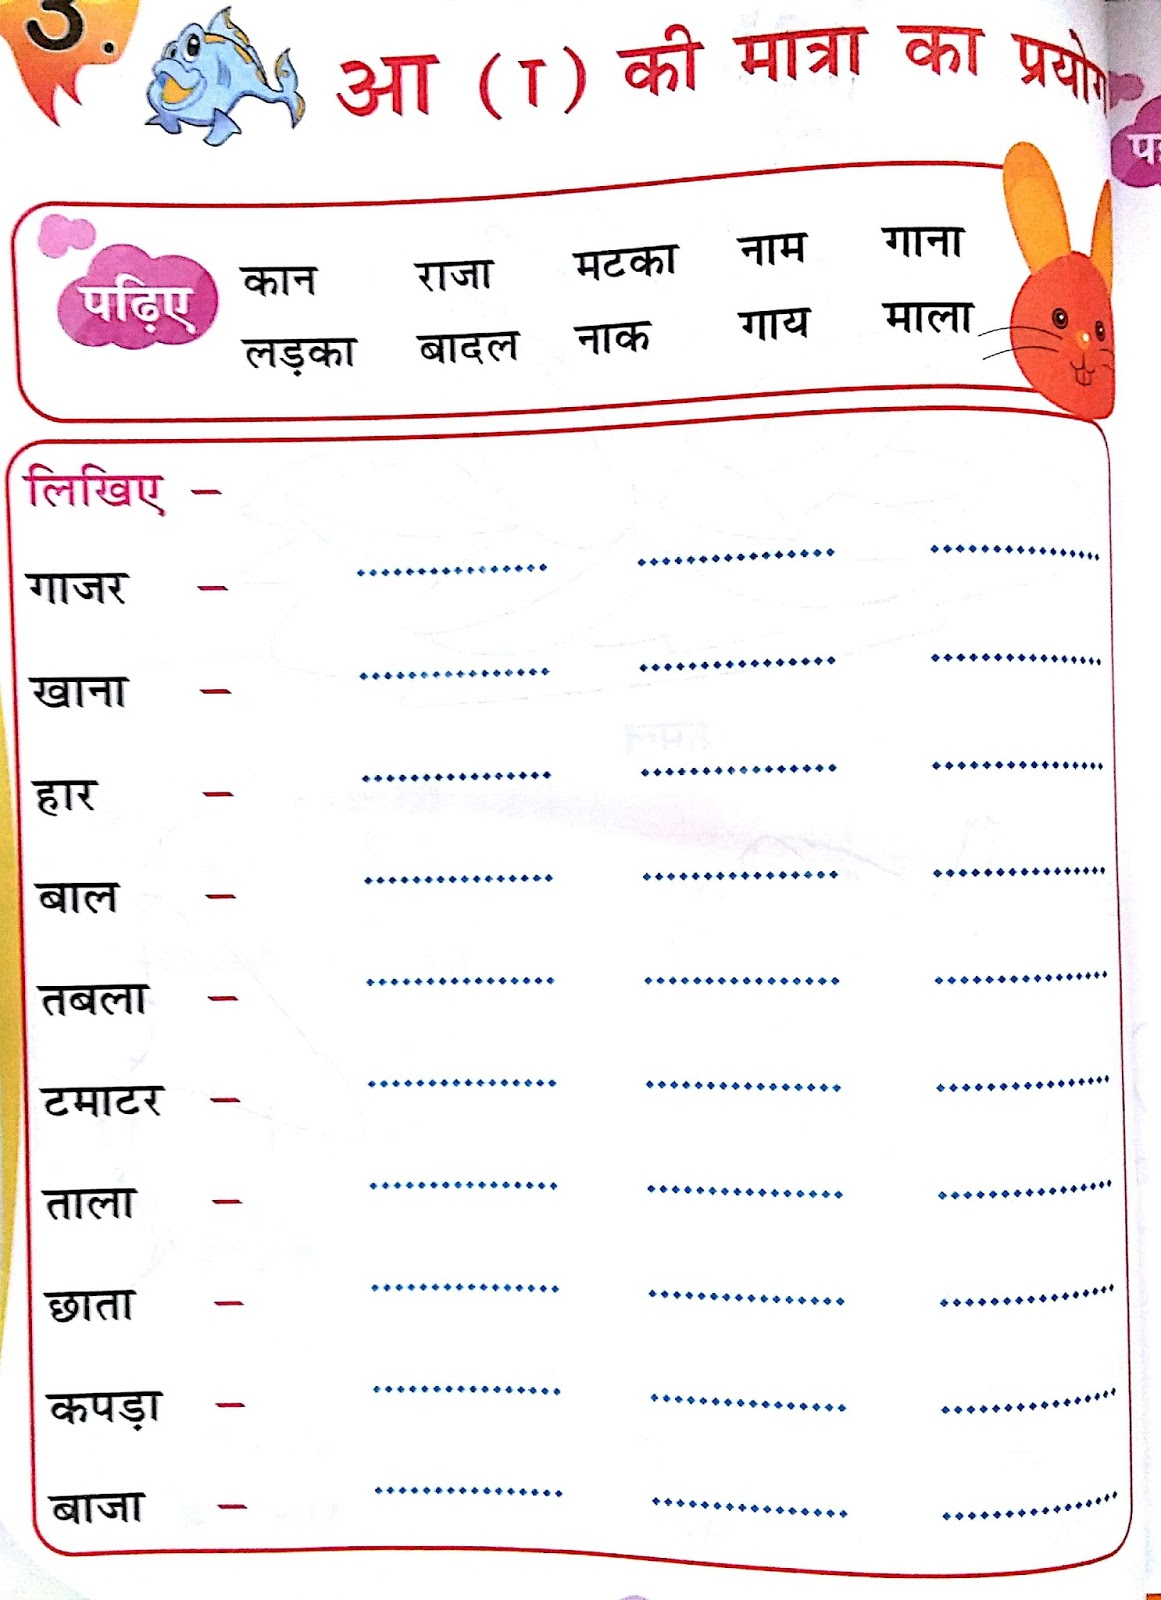 Hindi Matra Worksheets For Ee